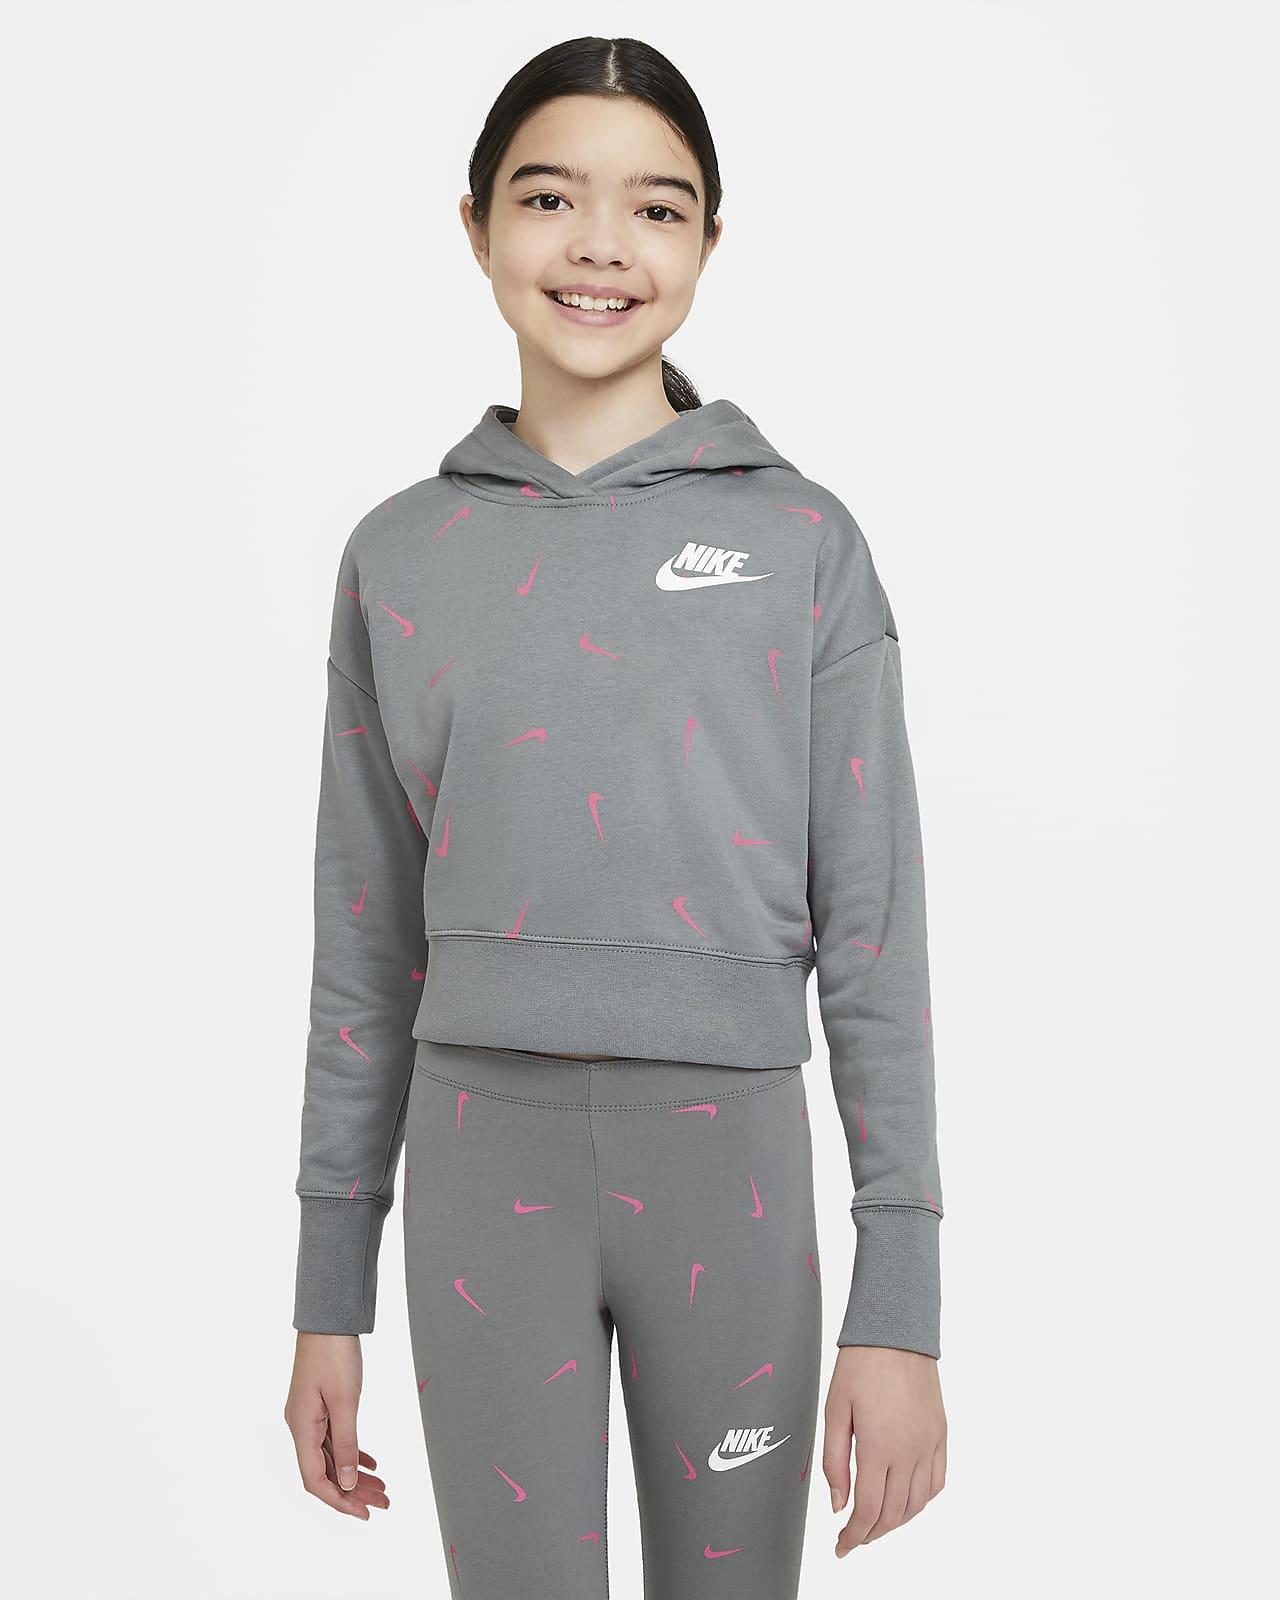 Nike Sportswear Fransız Havlu Kumaşı Kısaltılmış Genç Çocuk (Kız) Kapüşonlu Sweatshirt'ü